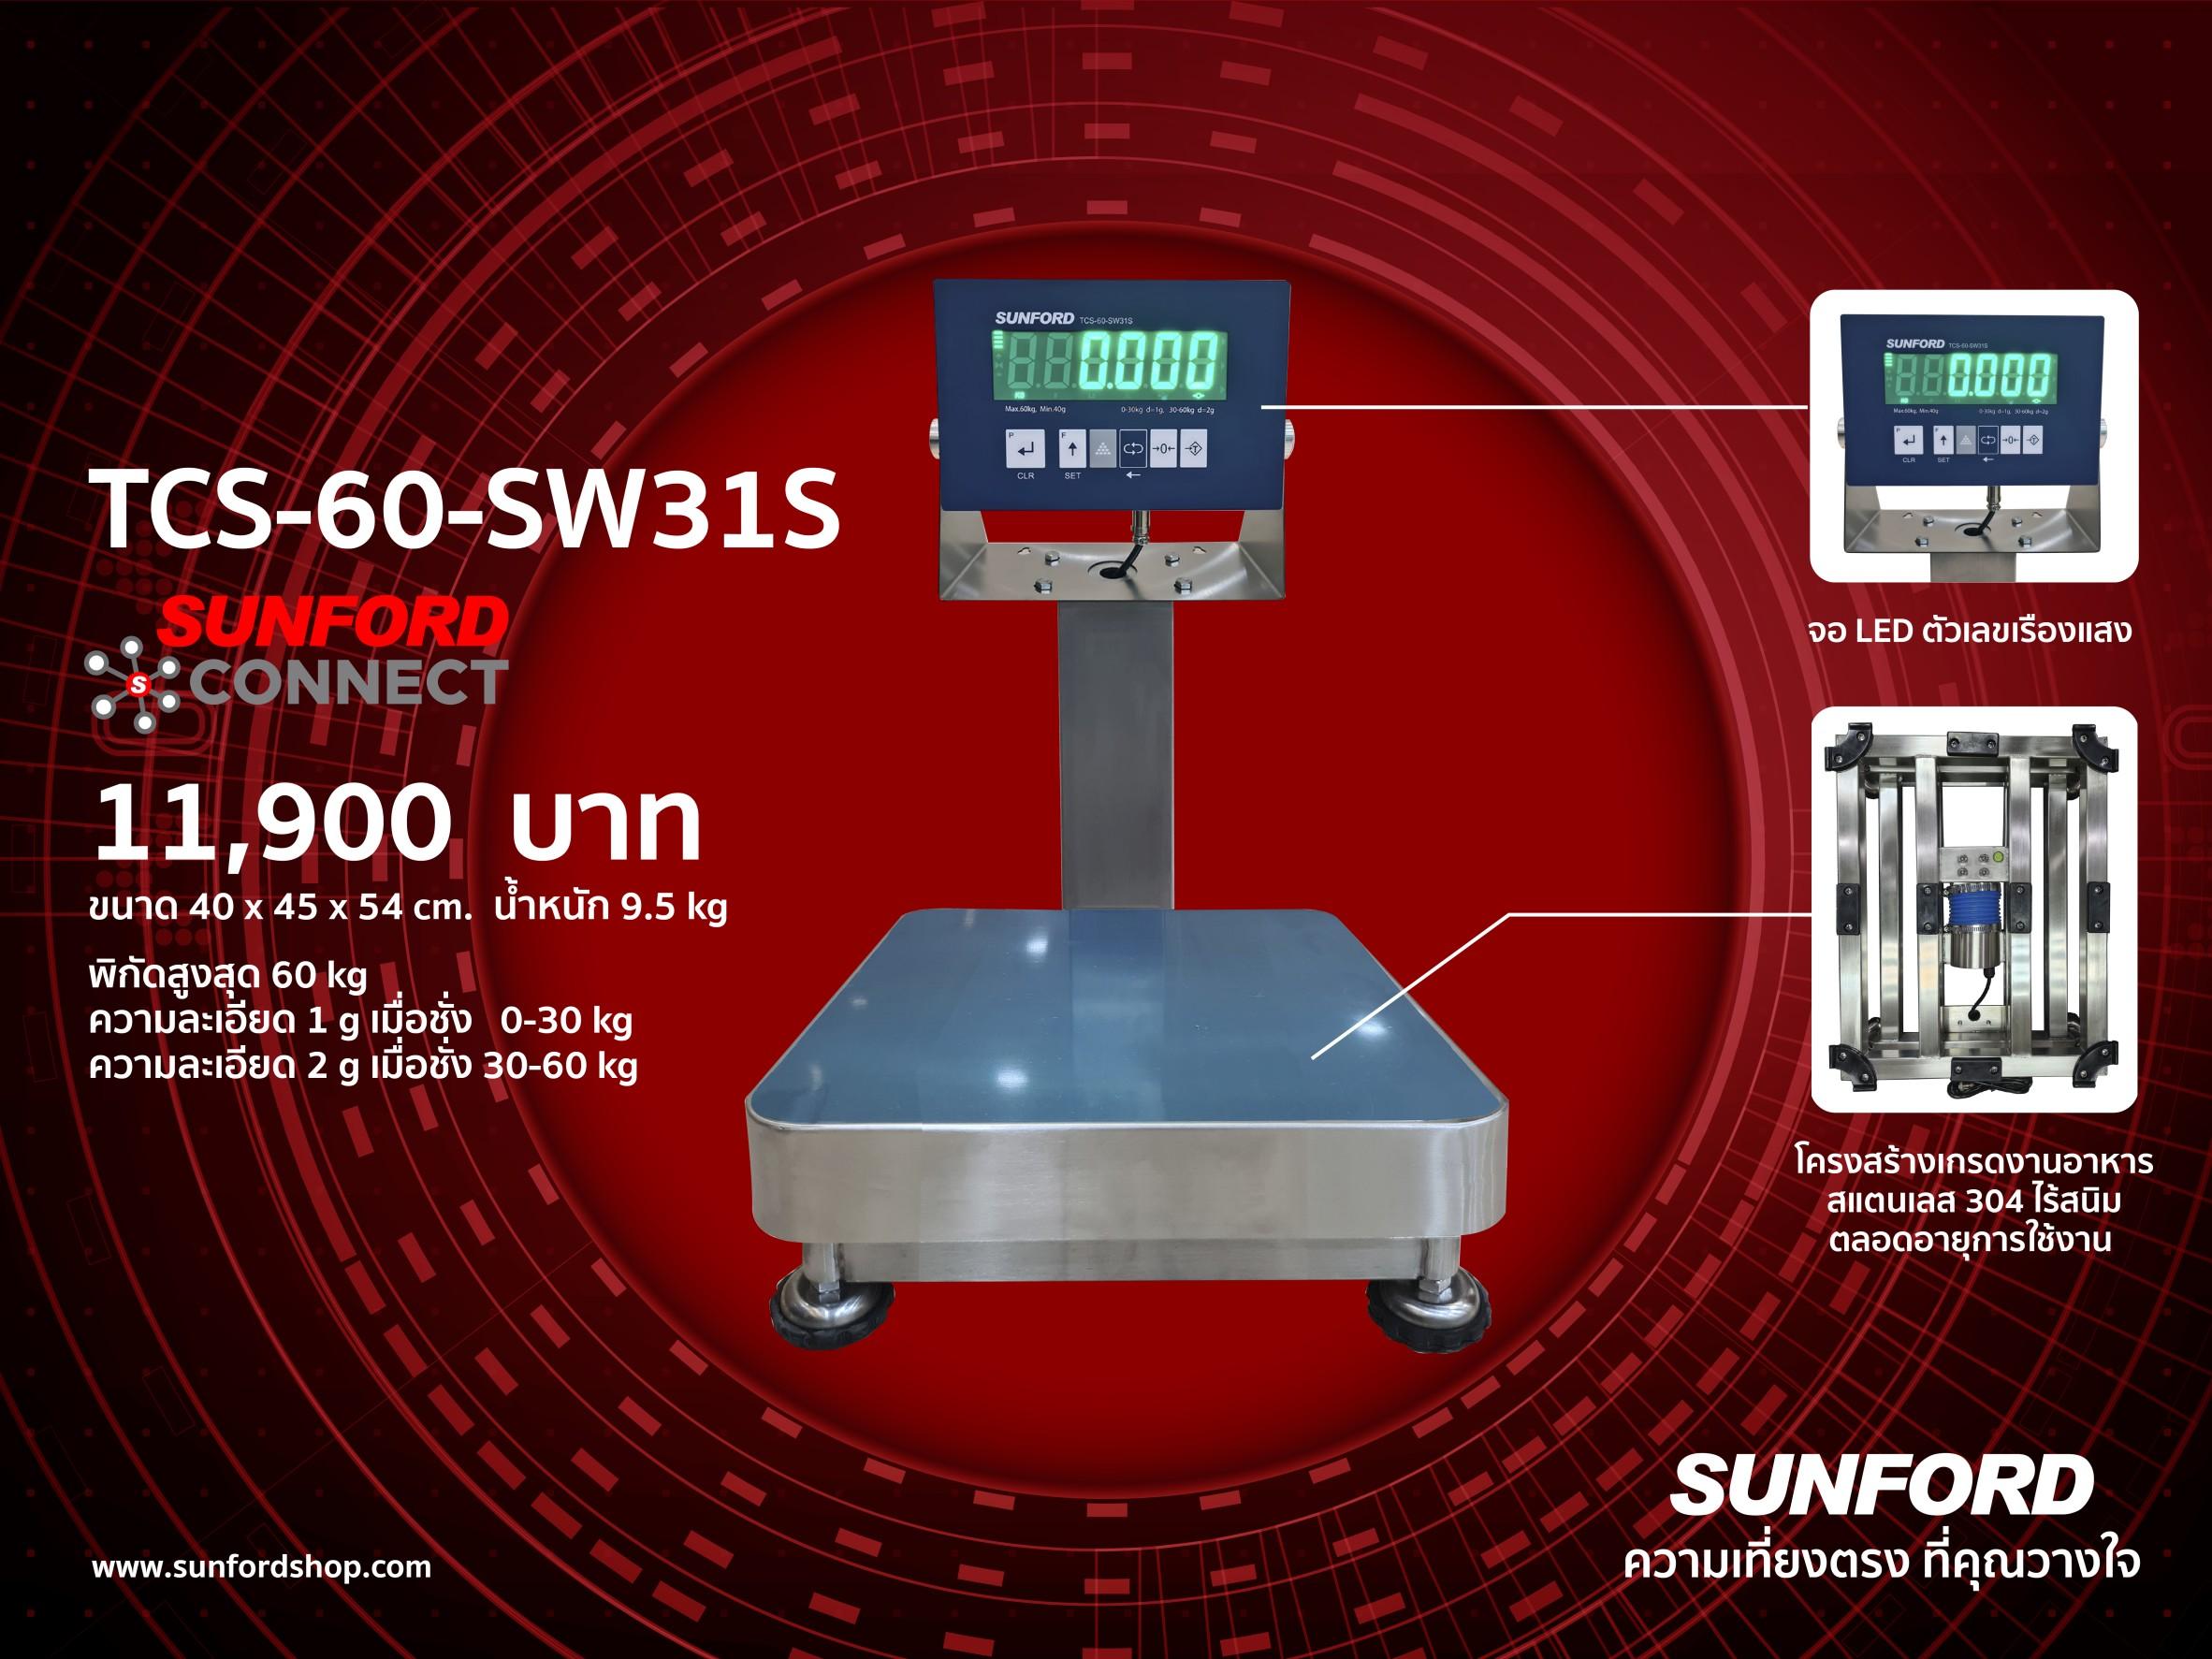 ใหม่!! SUNFORD CONNECT TCS-60-SW31S